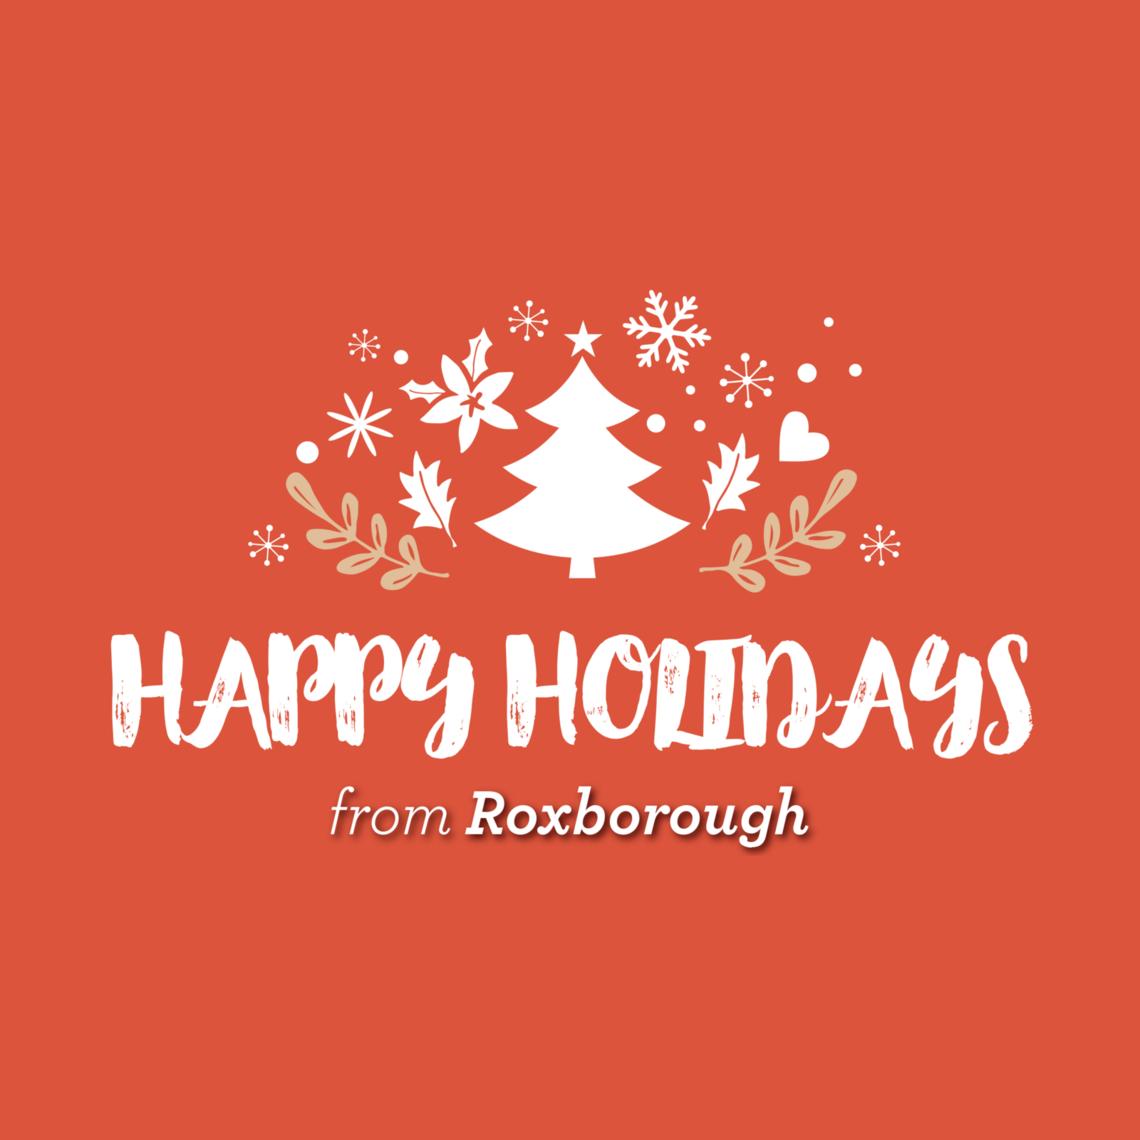 Photo: happy holidays from roxborough logo